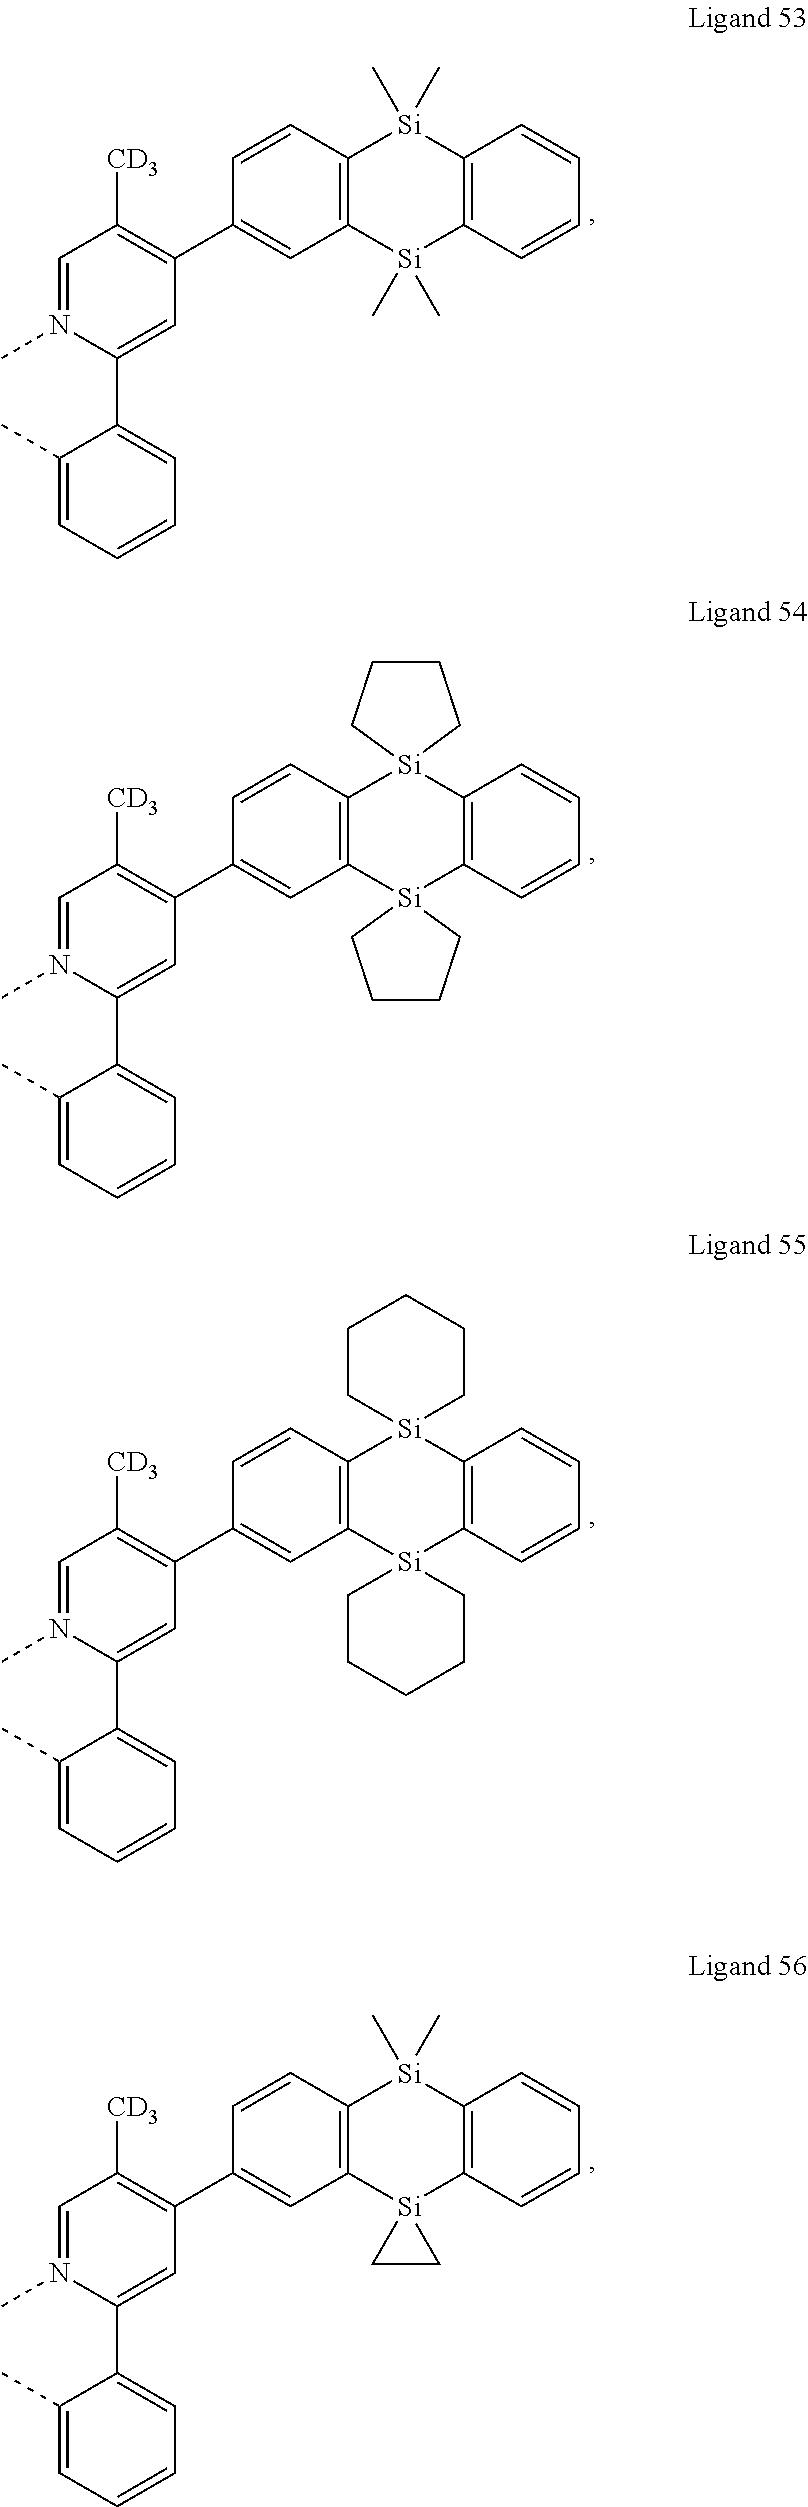 Figure US20180130962A1-20180510-C00043